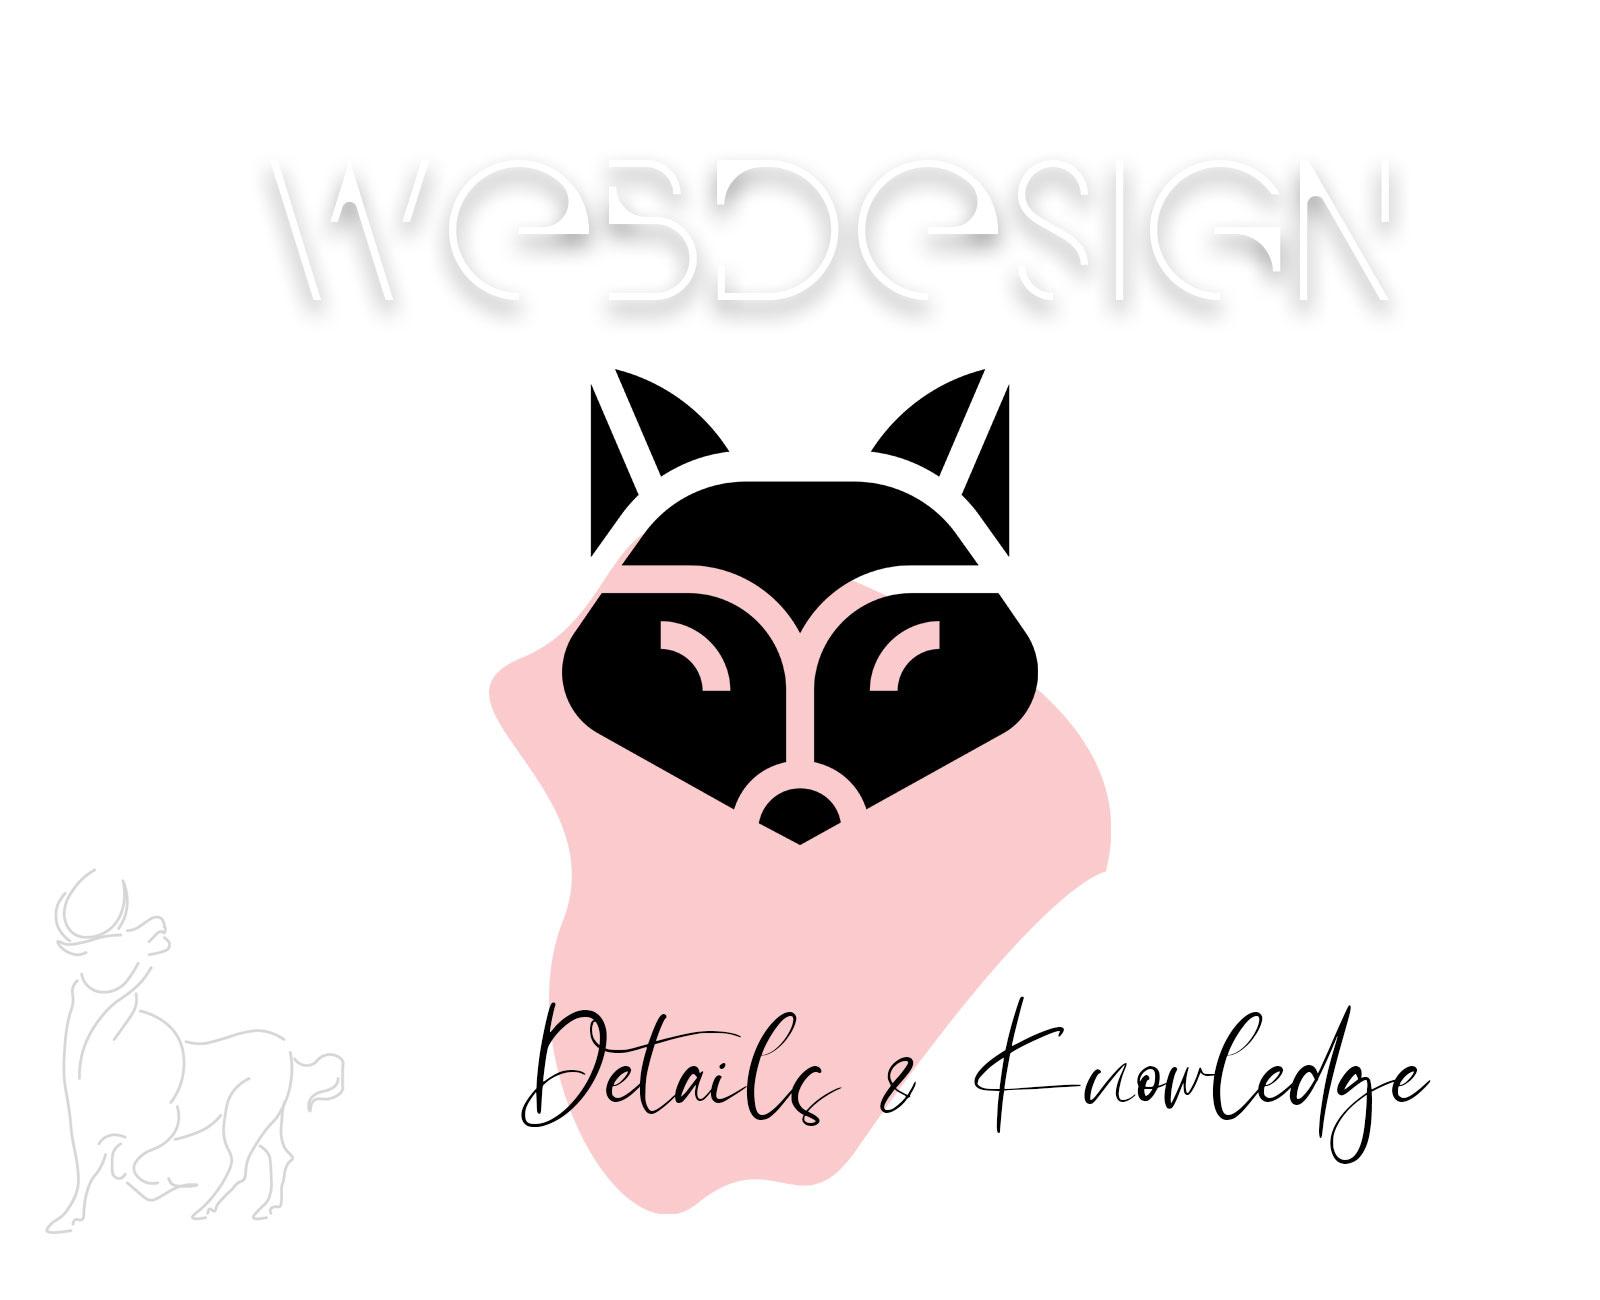 Ute Bescht - Web Design: der Fuchs und seine Details